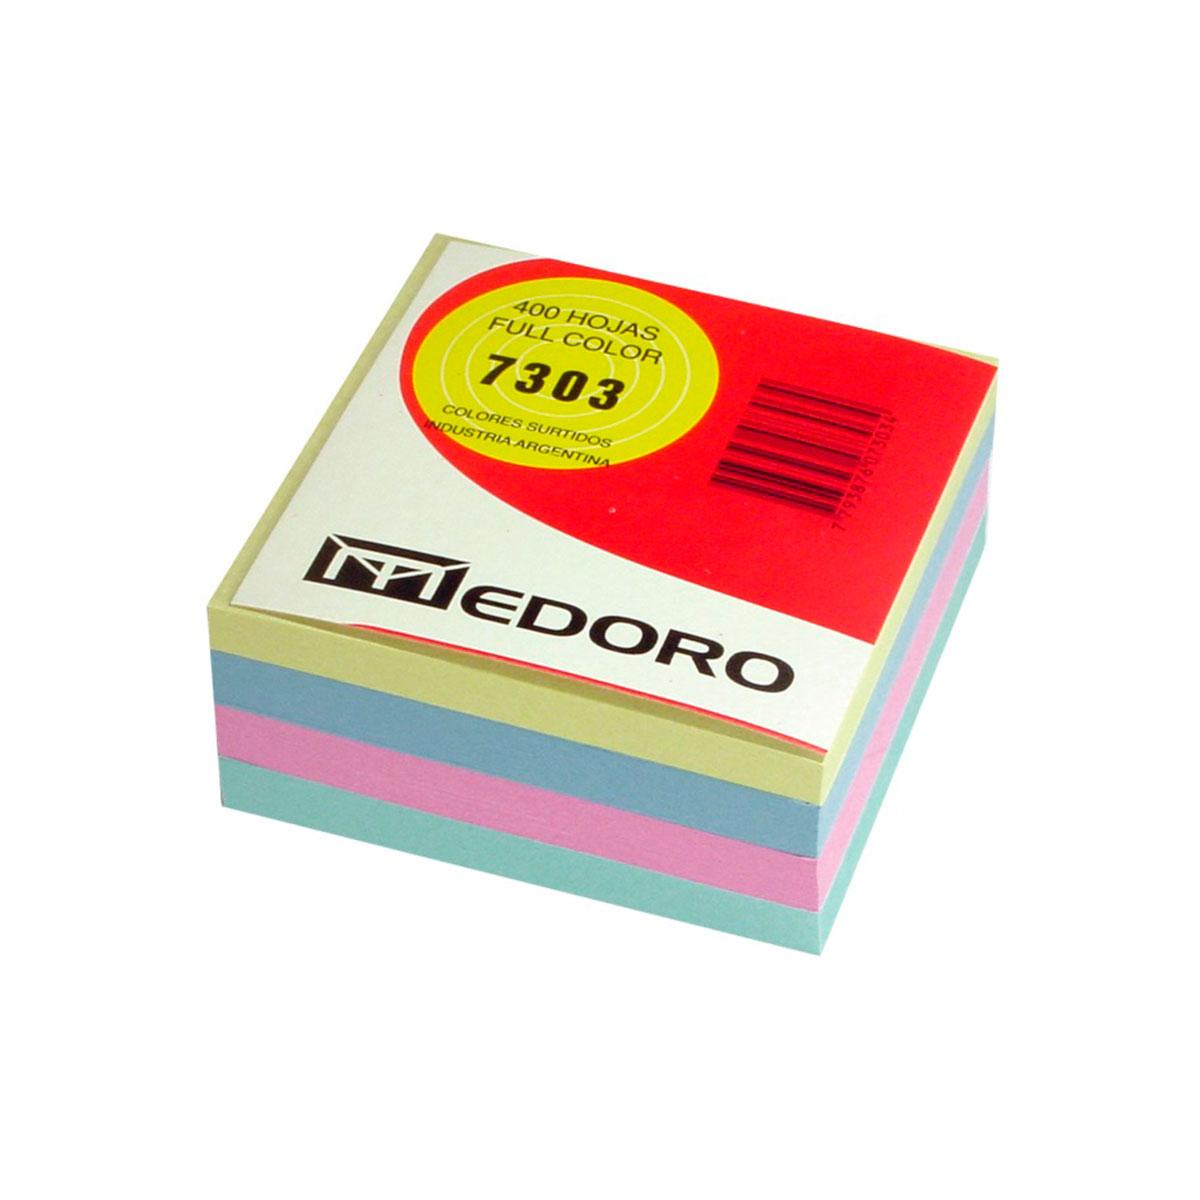 7303 MEDORO                                                       | TACO MULTICOLOR 7303 9 X 9 POR 400 HOJAS VARIOS COLORES